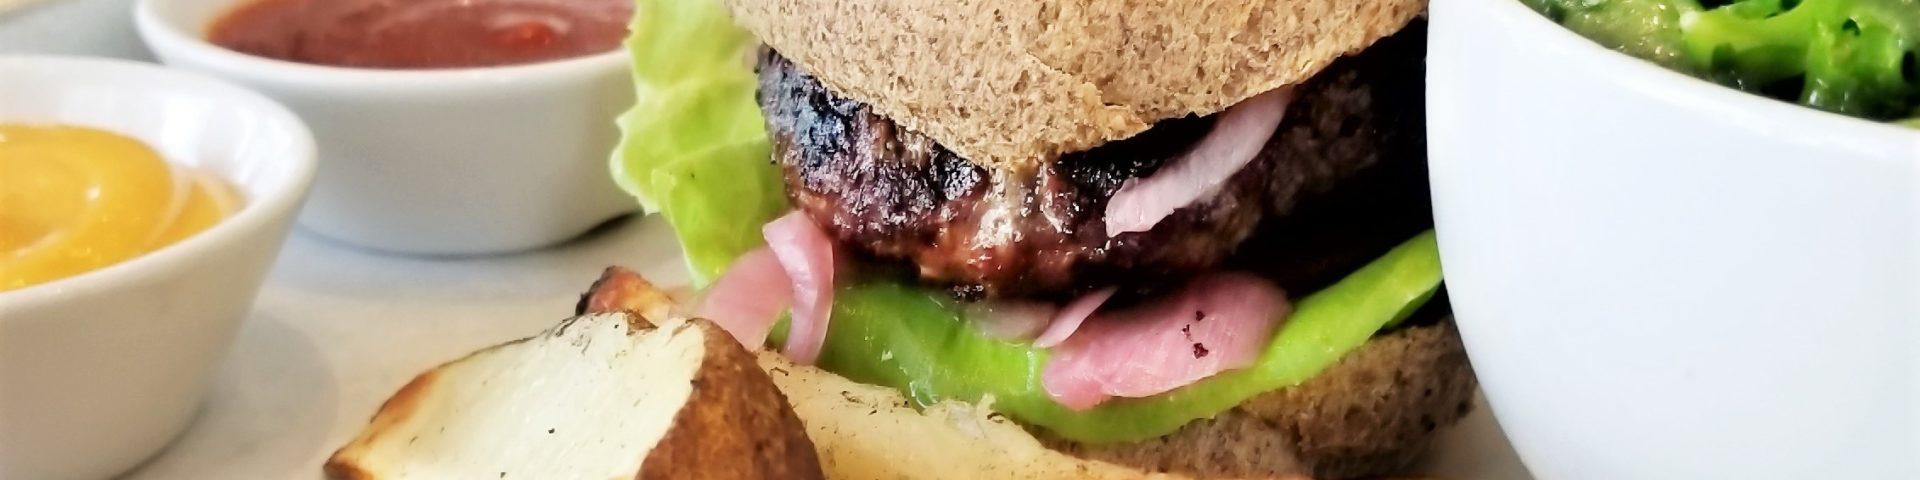 Hamburger and wedges